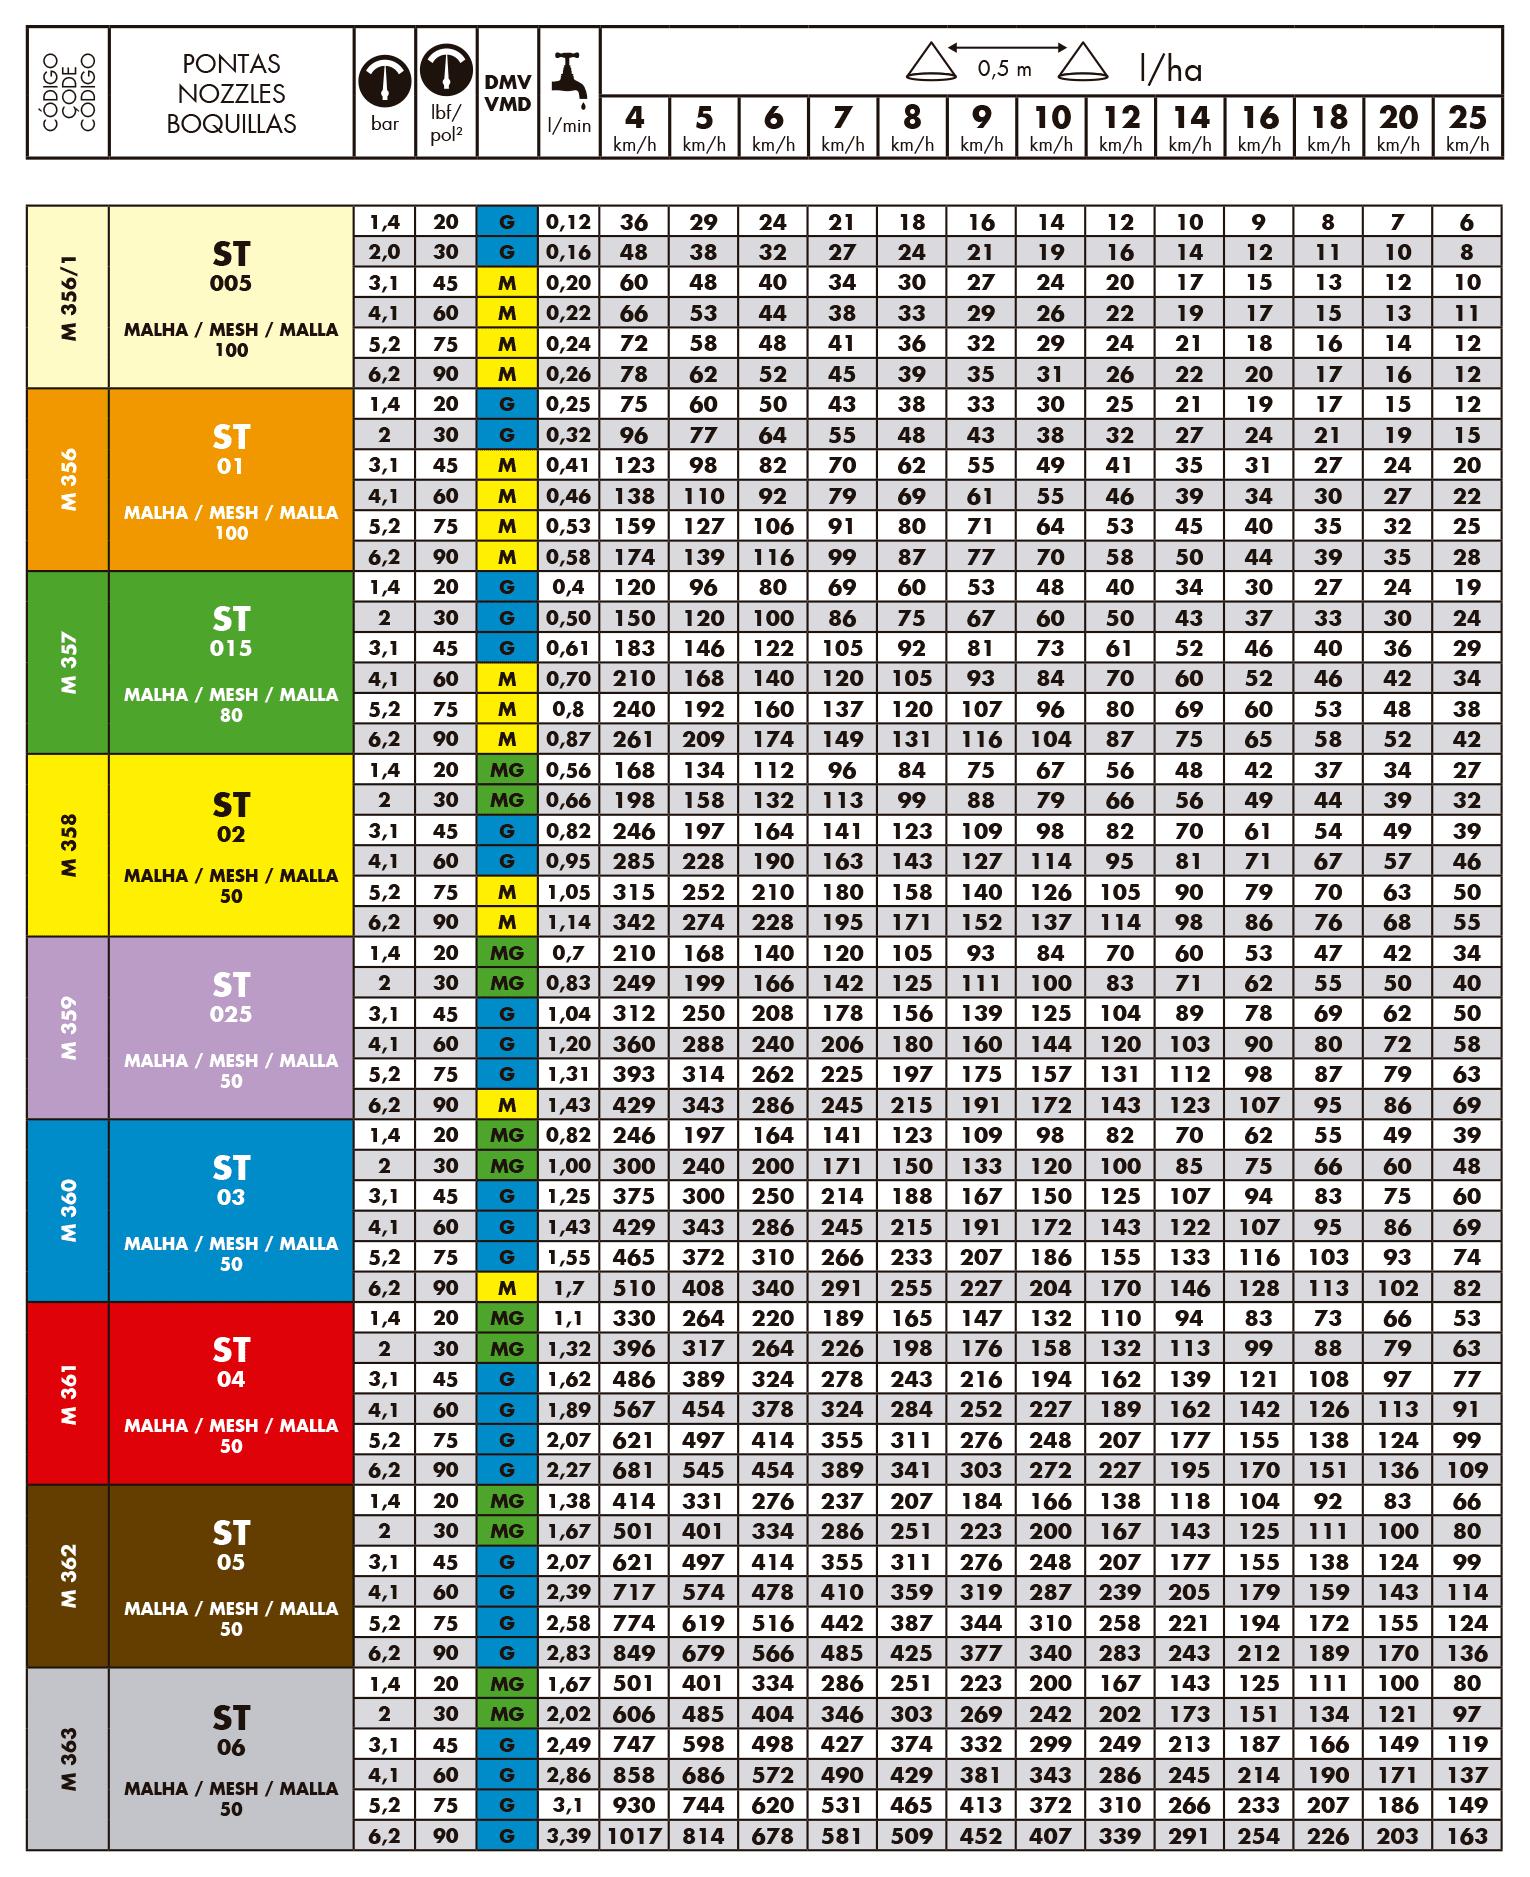 Tabela de vazão do bico de pulverização Magnojet Super Turbo ST